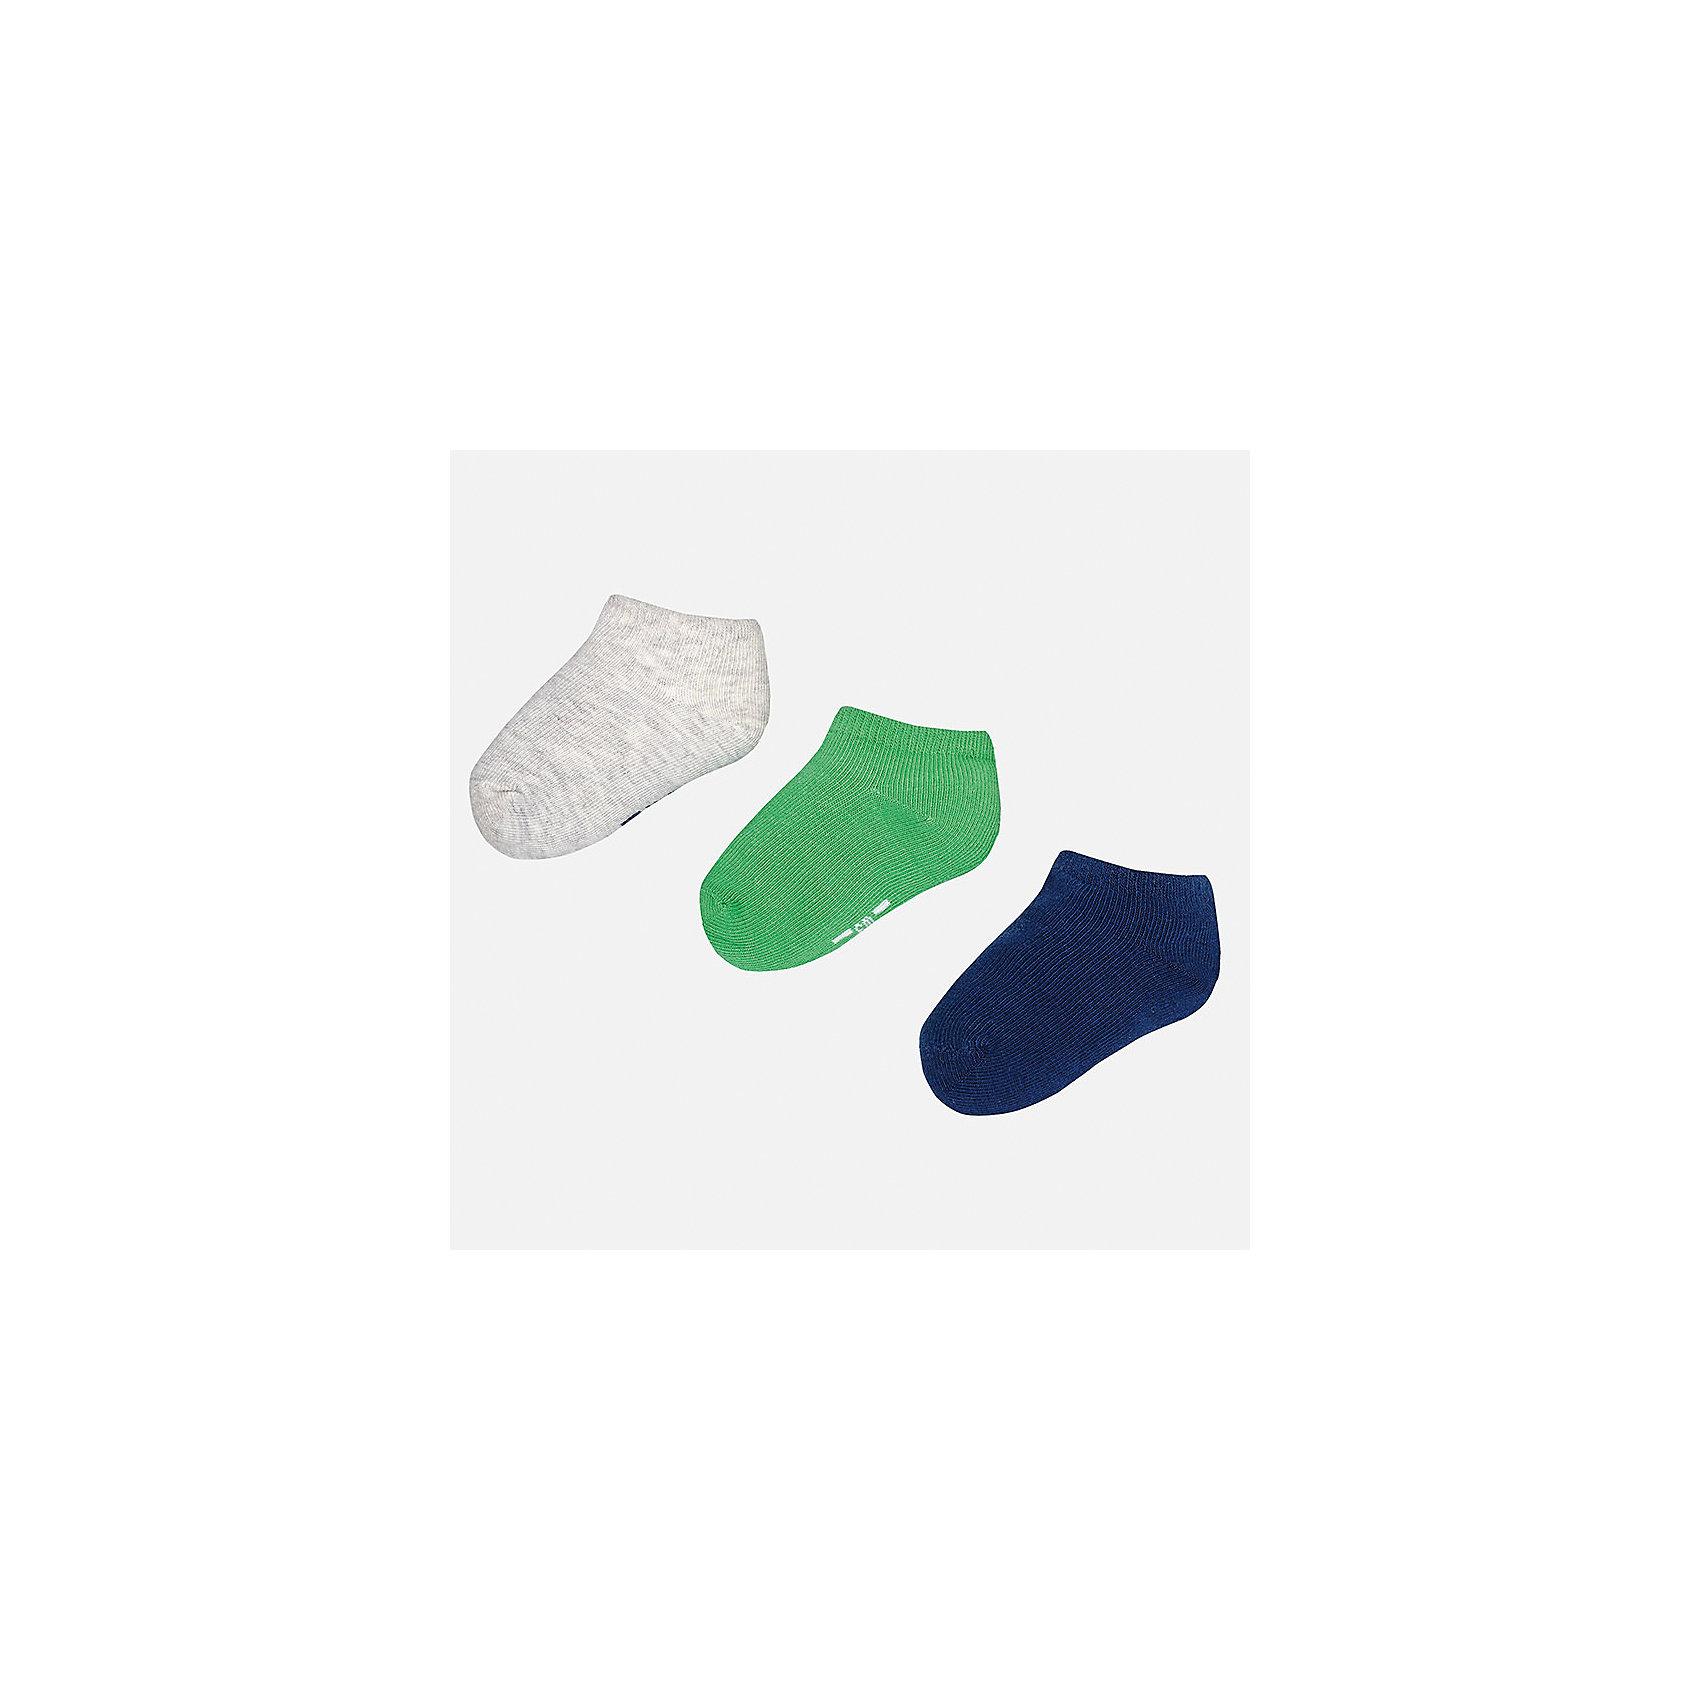 Носки для мальчика MayoralНоски<br>Характеристики товара:<br><br>• цвет: серый/зелёный/синий<br>• состав: 72% хлопок, 25% полиамид, 3% эластан<br>• комплектация: три пары<br>• мягкая резинка<br>• эластичный материал<br>• однотонные<br>• страна бренда: Испания<br><br>Удобные симпатичные носки для мальчика помогут обеспечить ребенку комфорт и дополнить наряд. Универсальный цвет позволяет надевать их под обувь разных расцветок. Носки удобно сидят на ноге и аккуратно смотрятся. Этот комплект - практичный и красивый! В составе материала - натуральный хлопок, гипоаллергенный, приятный на ощупь, дышащий. <br><br>Одежда, обувь и аксессуары от испанского бренда Mayoral полюбились детям и взрослым по всему миру. Модели этой марки - стильные и удобные. Для их производства используются только безопасные, качественные материалы и фурнитура. Порадуйте ребенка модными и красивыми вещами от Mayoral! <br><br>Носки (3 пары) для мальчика от испанского бренда Mayoral (Майорал) можно купить в нашем интернет-магазине.<br><br>Ширина мм: 87<br>Глубина мм: 10<br>Высота мм: 105<br>Вес г: 115<br>Цвет: зеленый<br>Возраст от месяцев: 12<br>Возраст до месяцев: 24<br>Пол: Мужской<br>Возраст: Детский<br>Размер: 2,1<br>SKU: 5294247